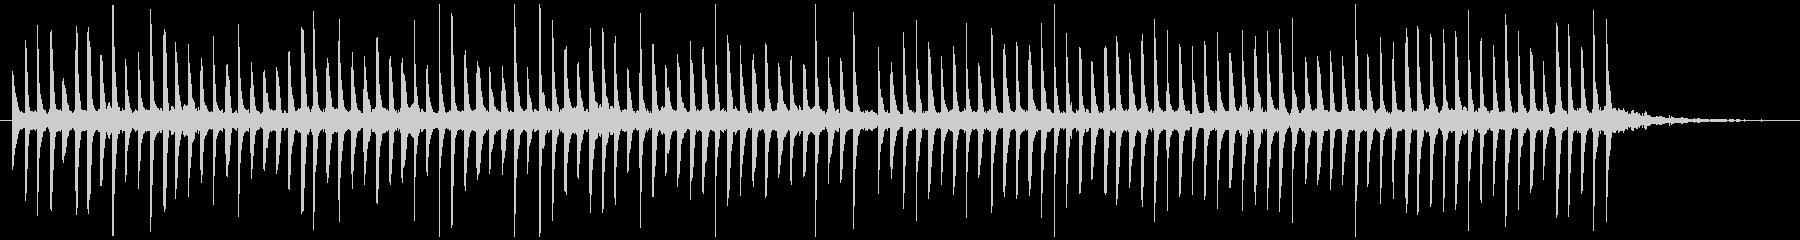 ゲームの待機音の未再生の波形